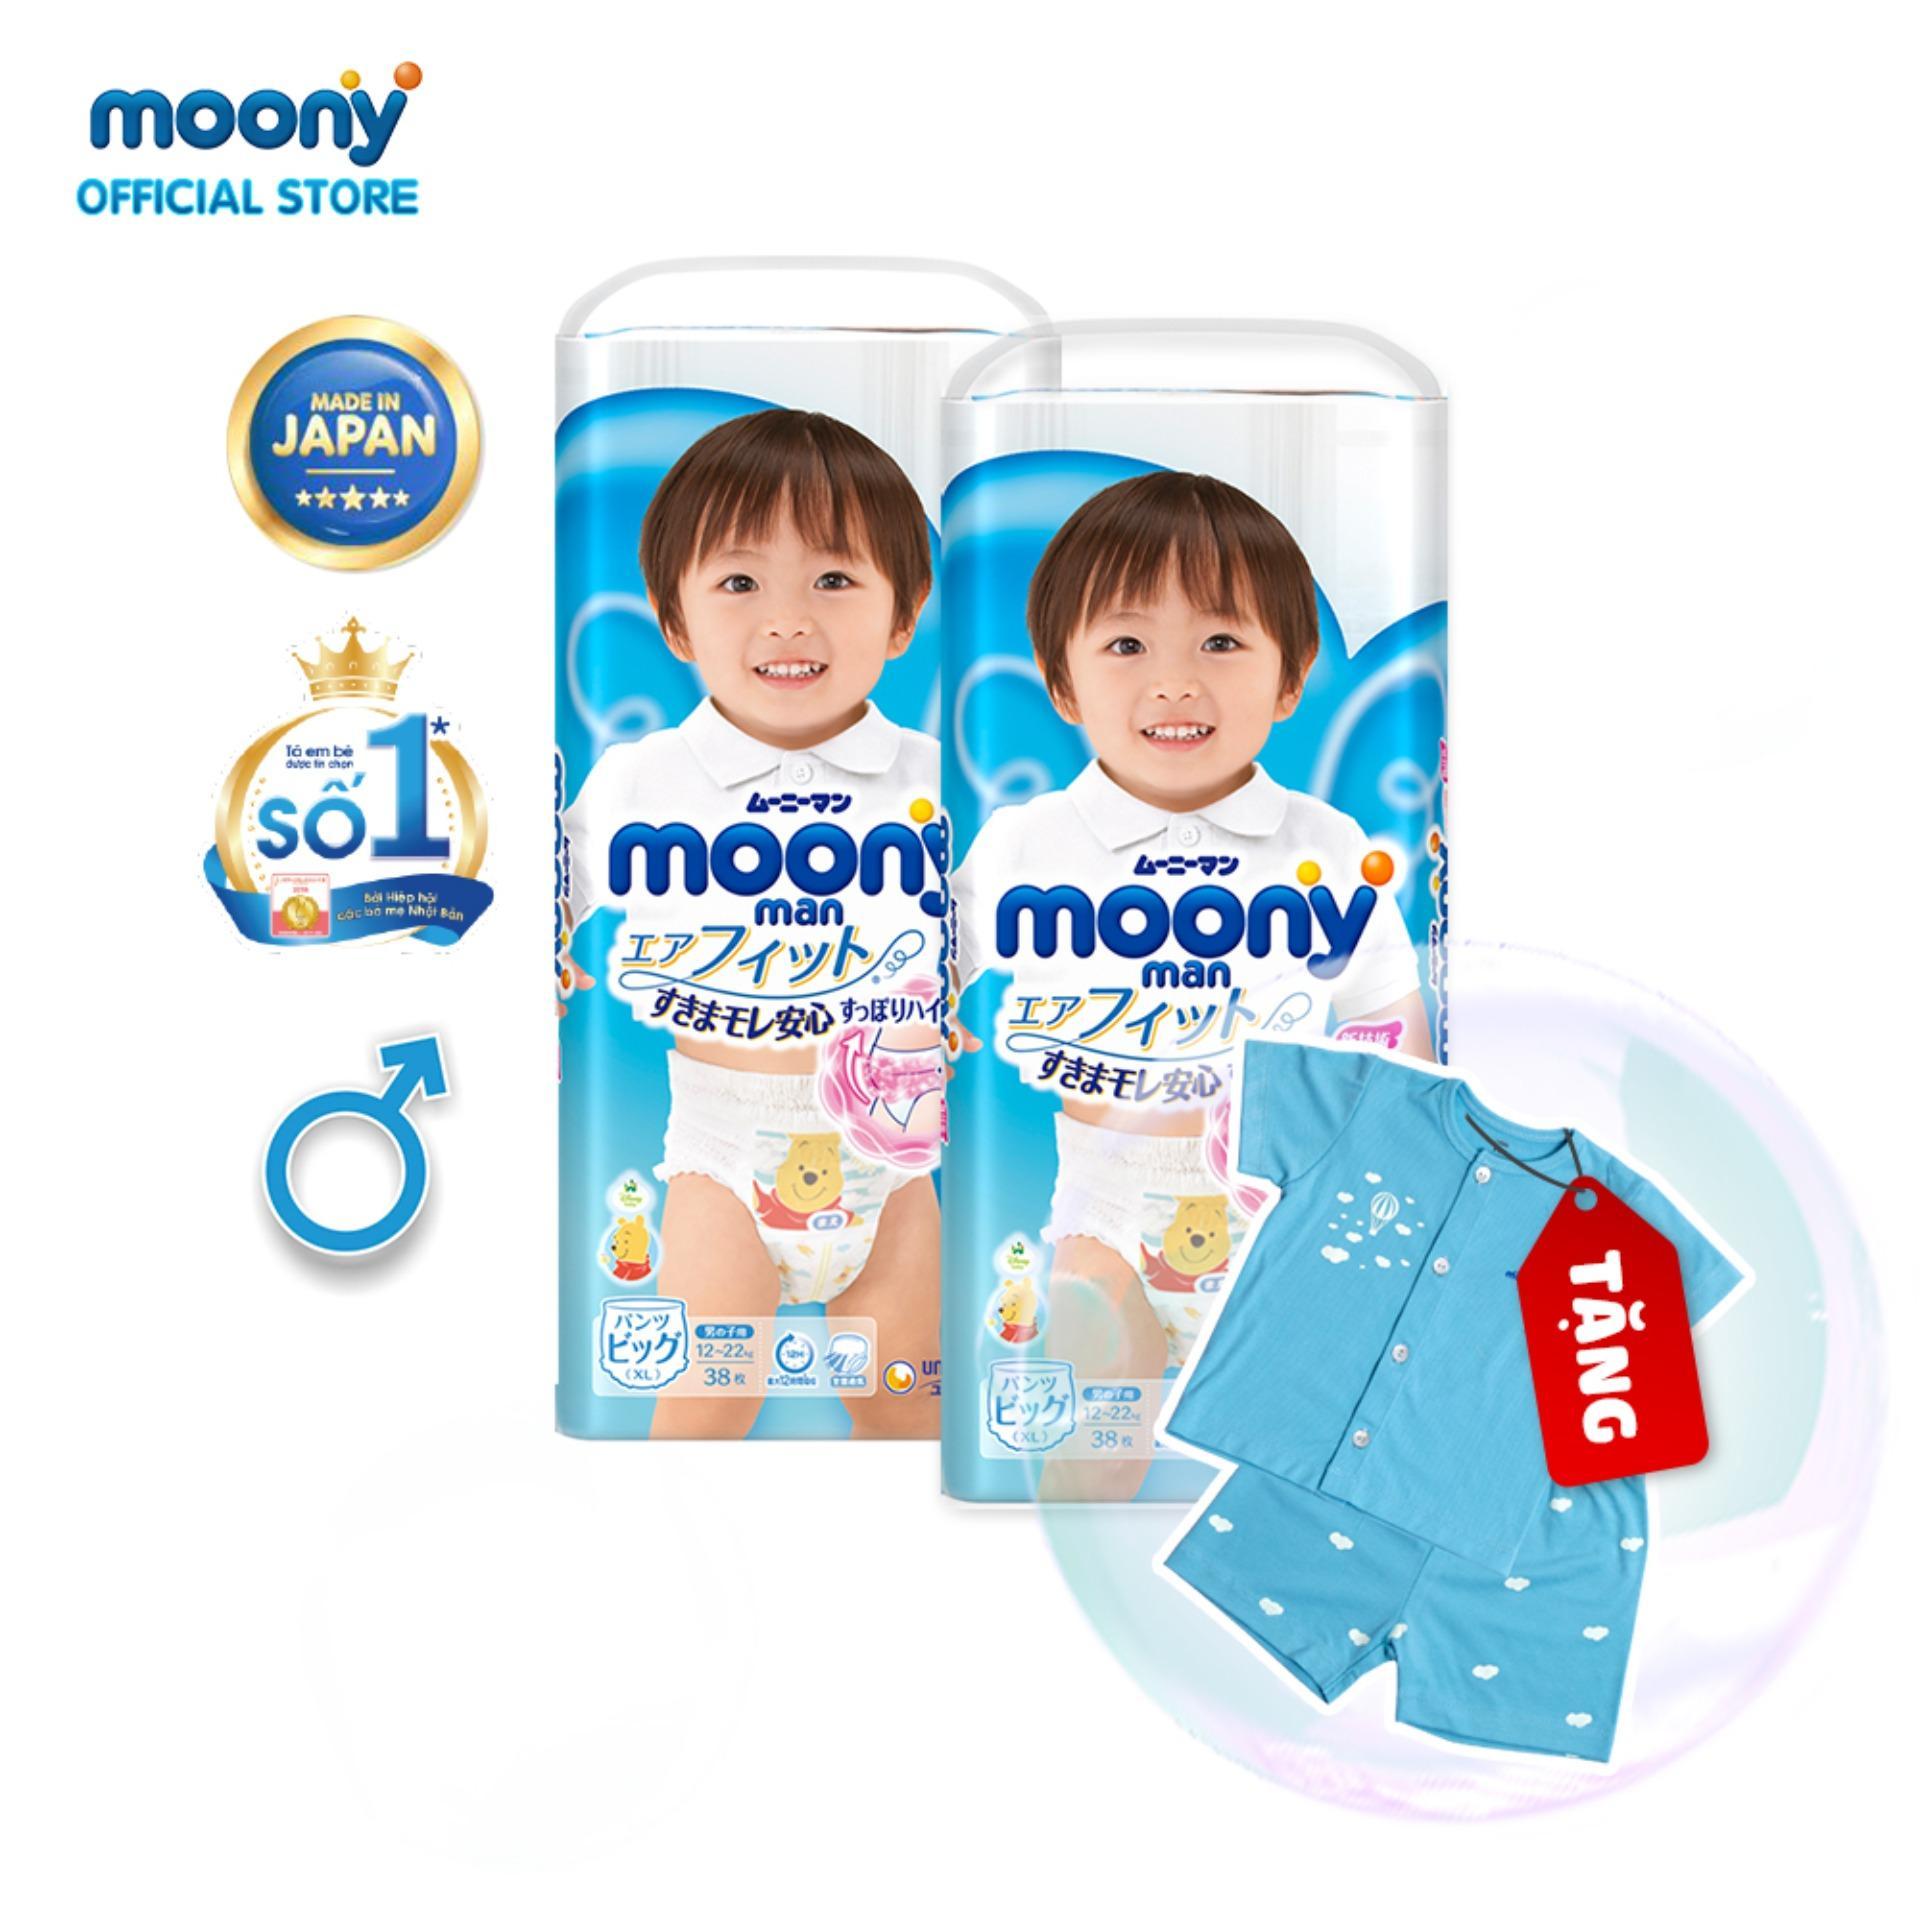 Bộ 2 tã quần cao cấp Moony XL - 38 miếng dành cho bé trai (12-17kg)- tặng 1 bộ quần áo Nous cao cấp (màu ngẫu nhiên)